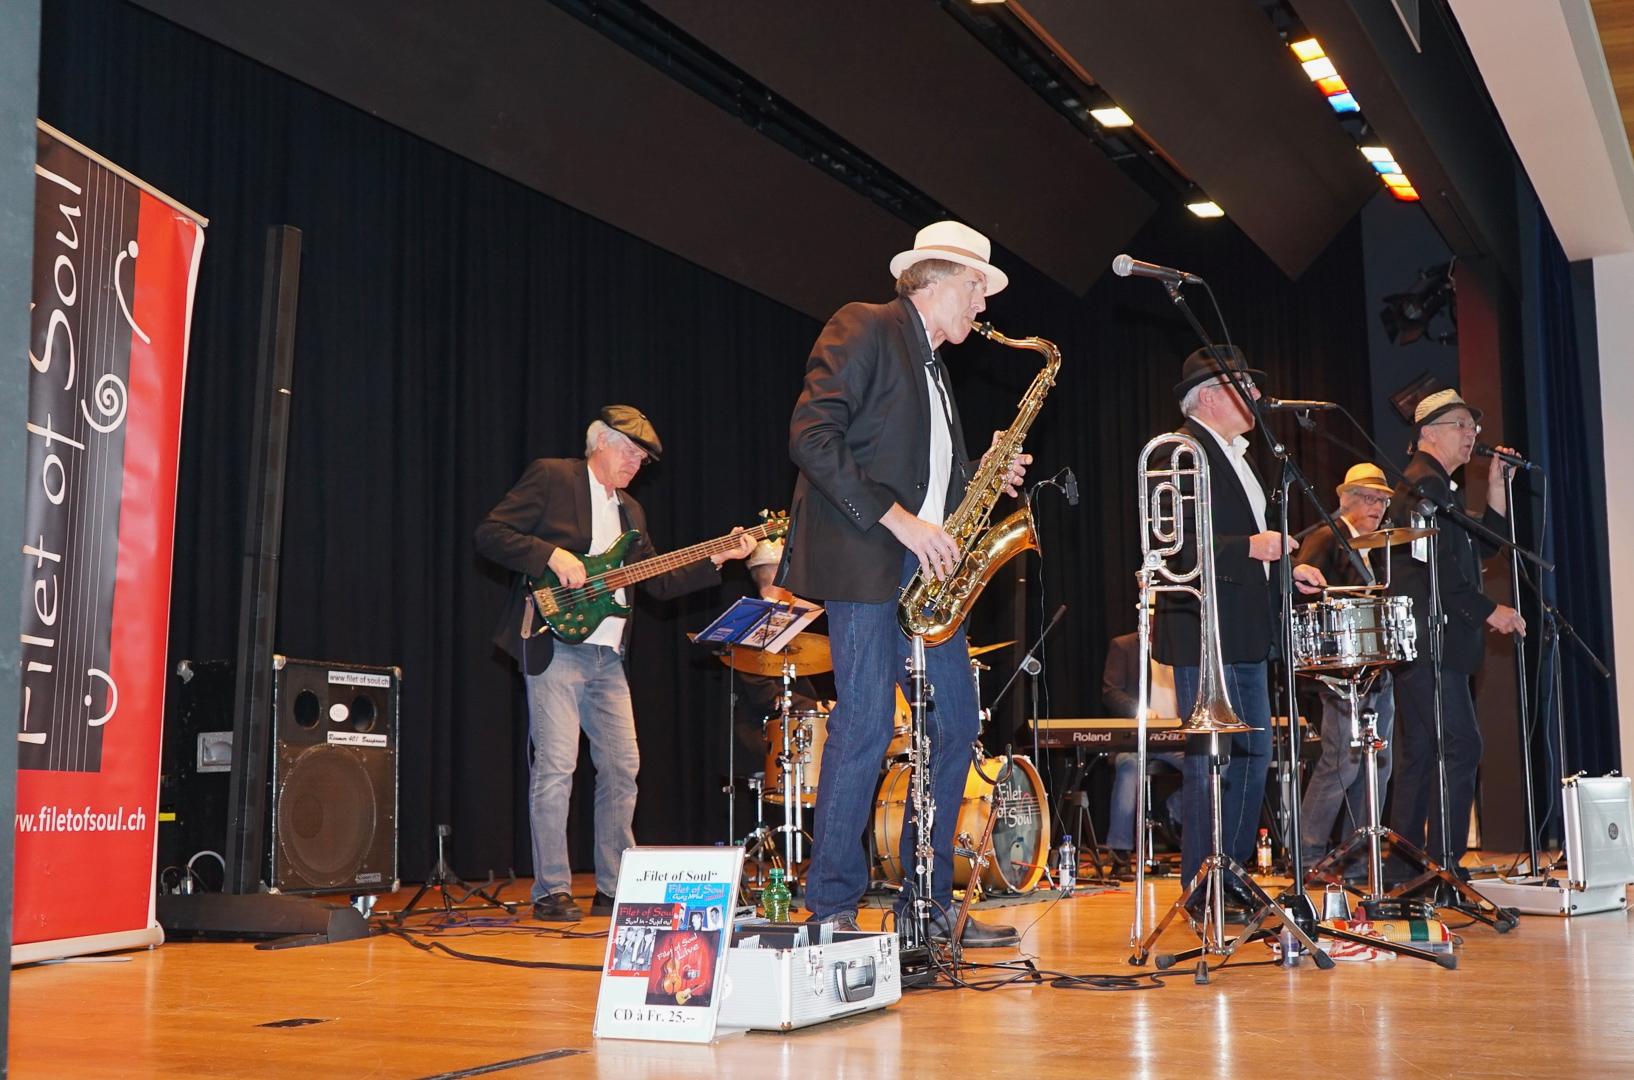 2019-03-10-jazz-brunch-kulturkom-stein-83